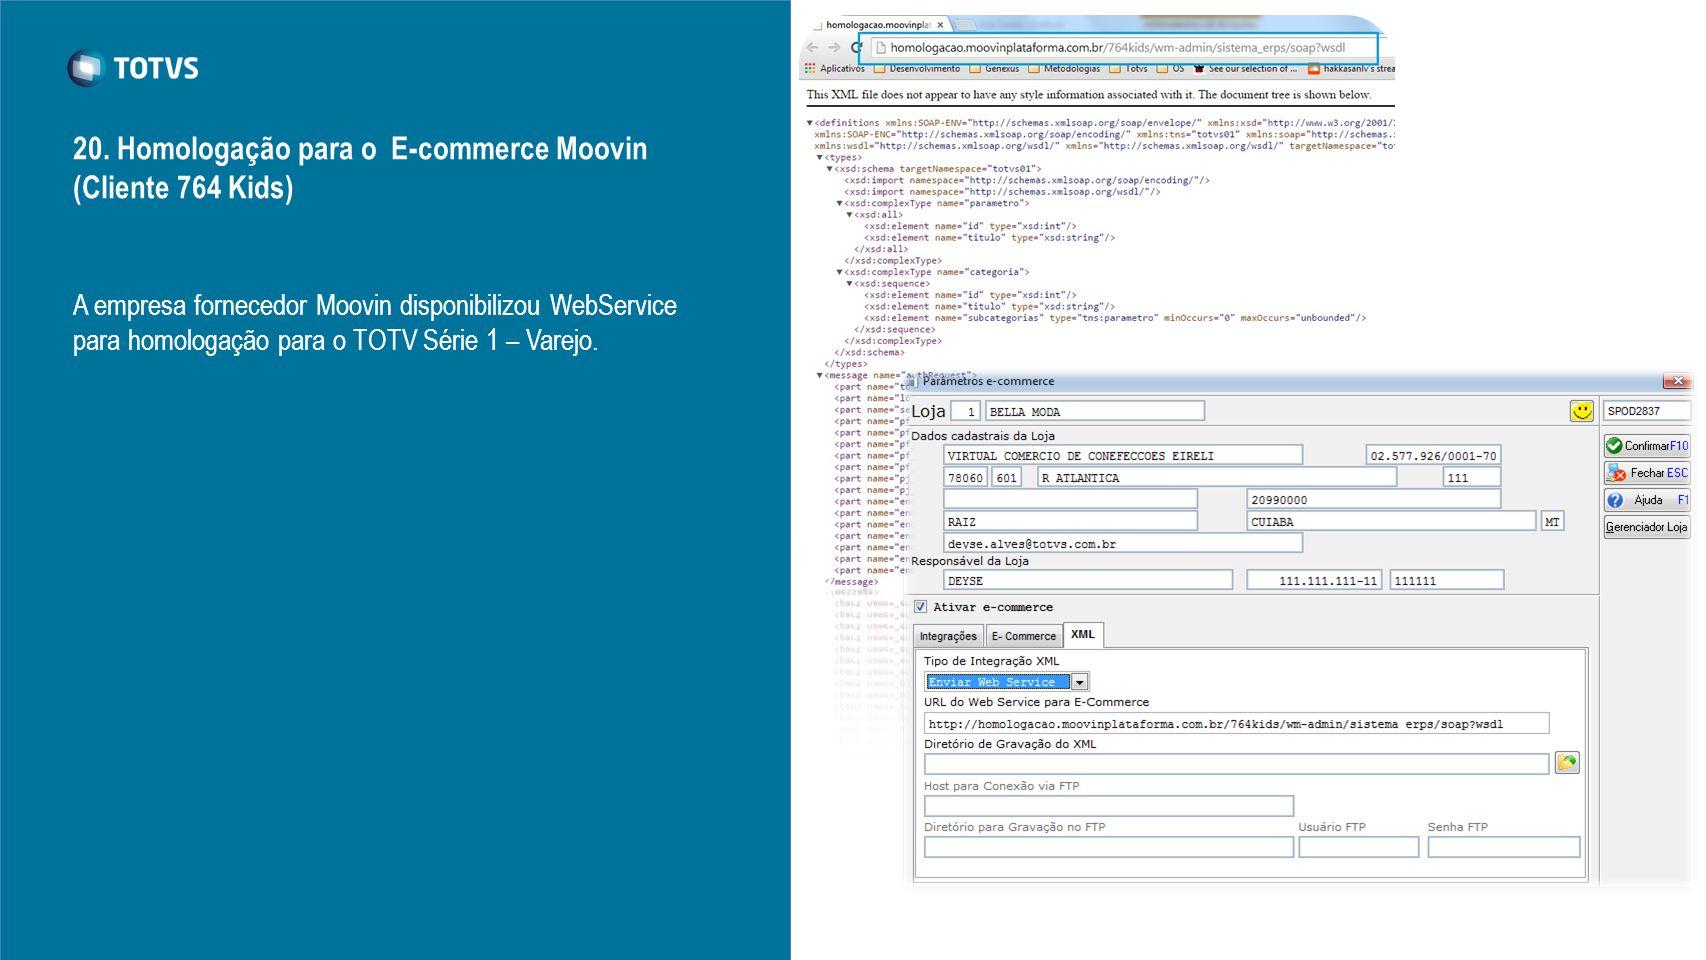 A empresa fornecedor Moovin disponibilizou WebService para homologação para o TOTV Série 1 – Varejo. 20. Homologação para o E-commerce Moovin (Cliente